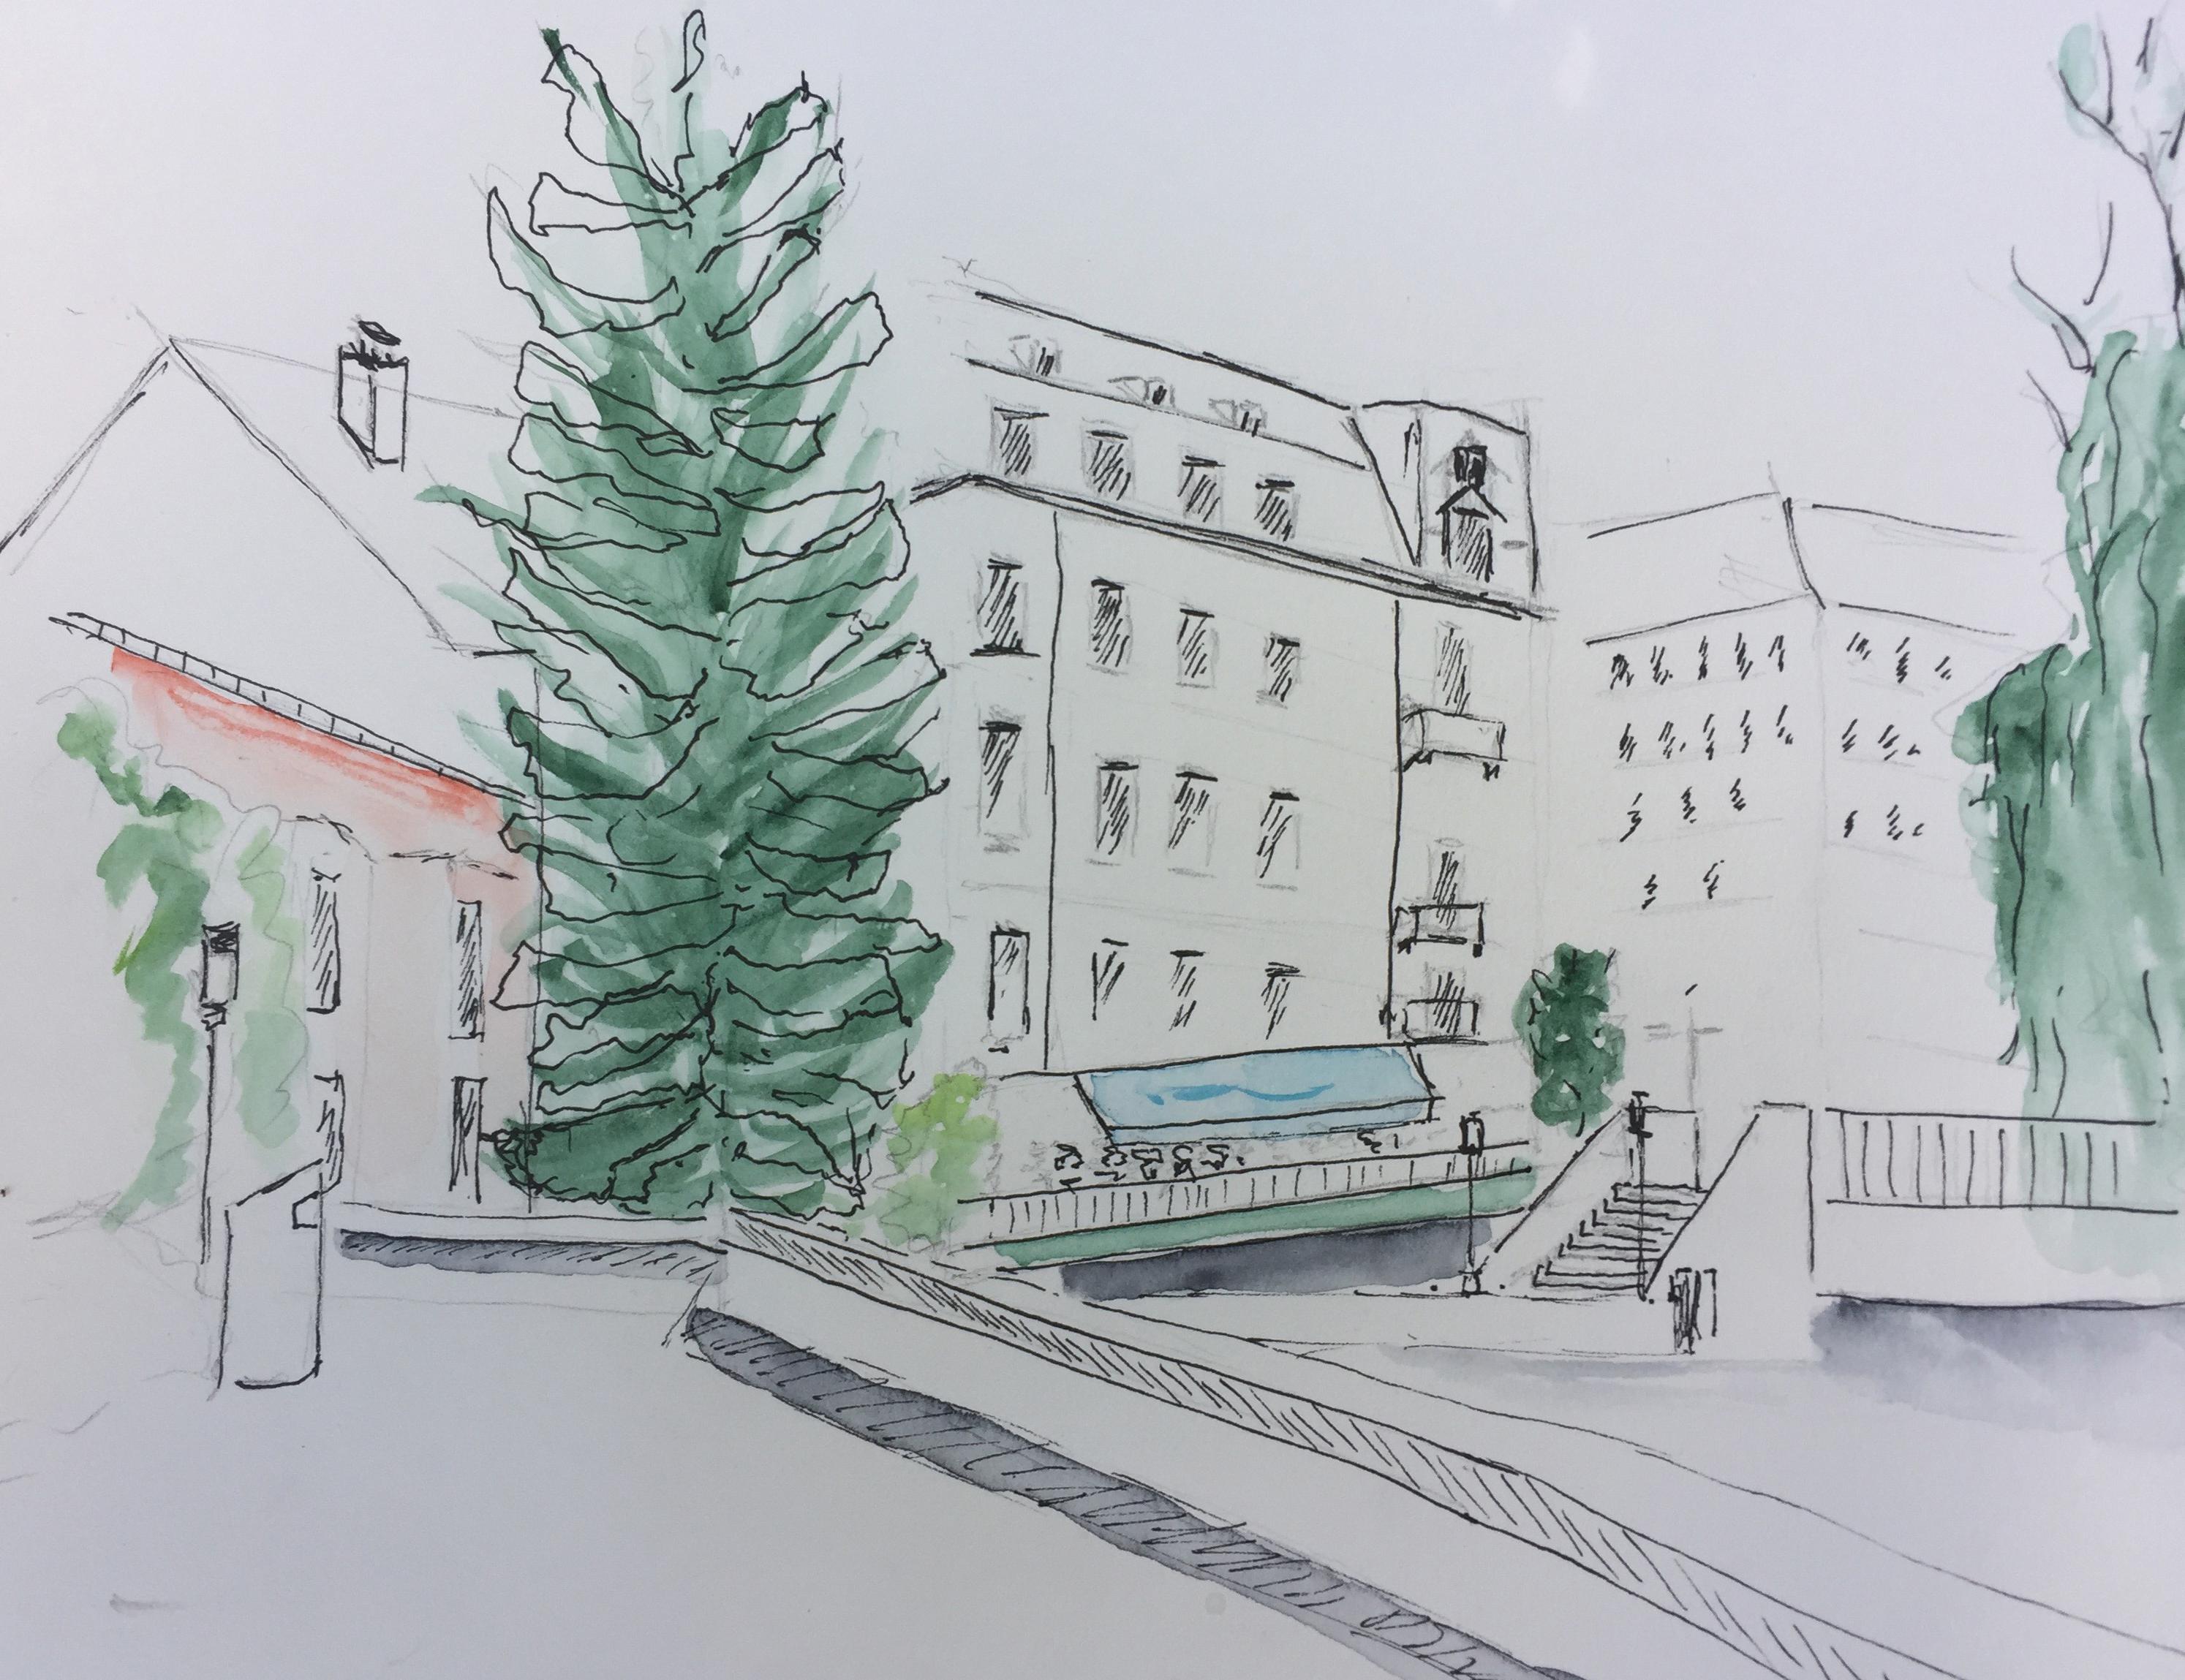 Teilnehmerin Urban Sketching,2017, Sicht Bärengasse_Schanzengraben